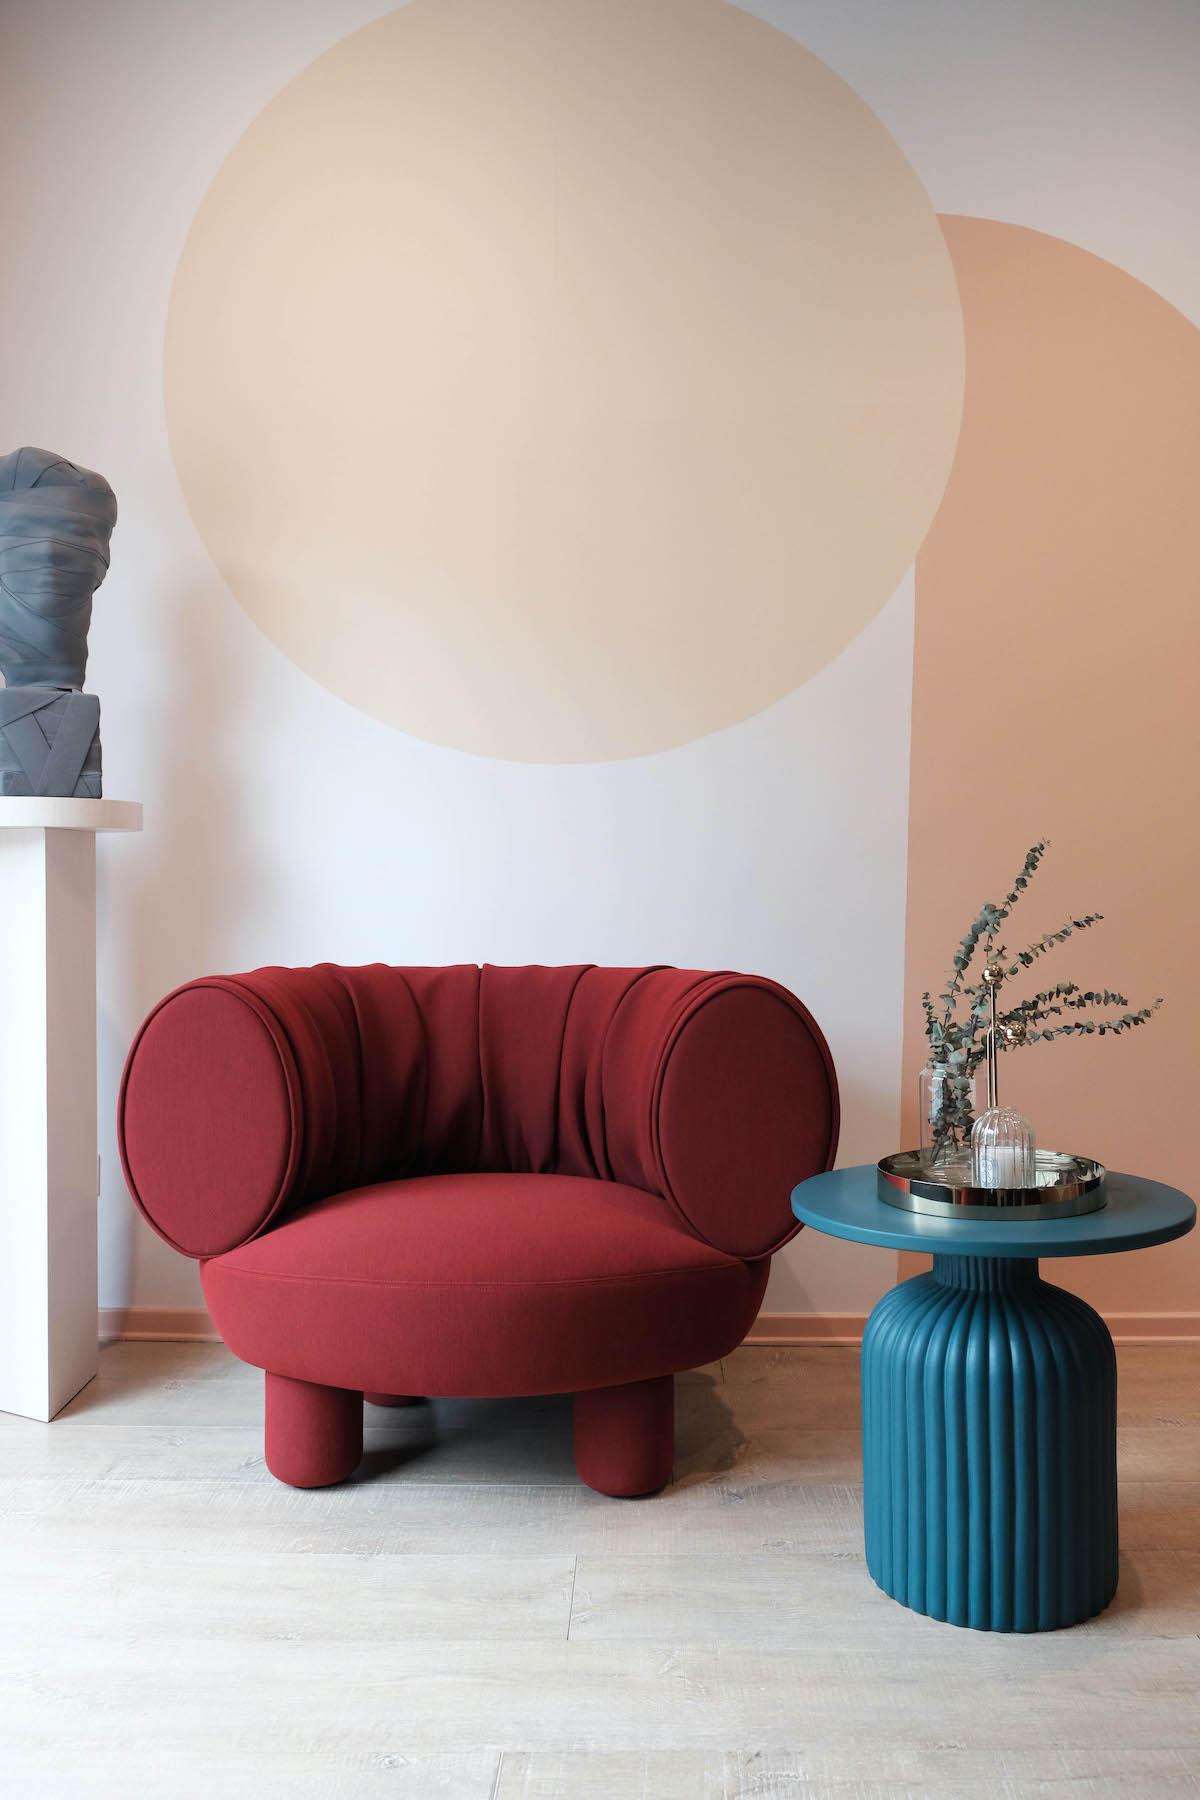 fauteuil rond rouge table appoint ronde bleu canard guéridon céramique design motif mur peinture style dessin Memphis